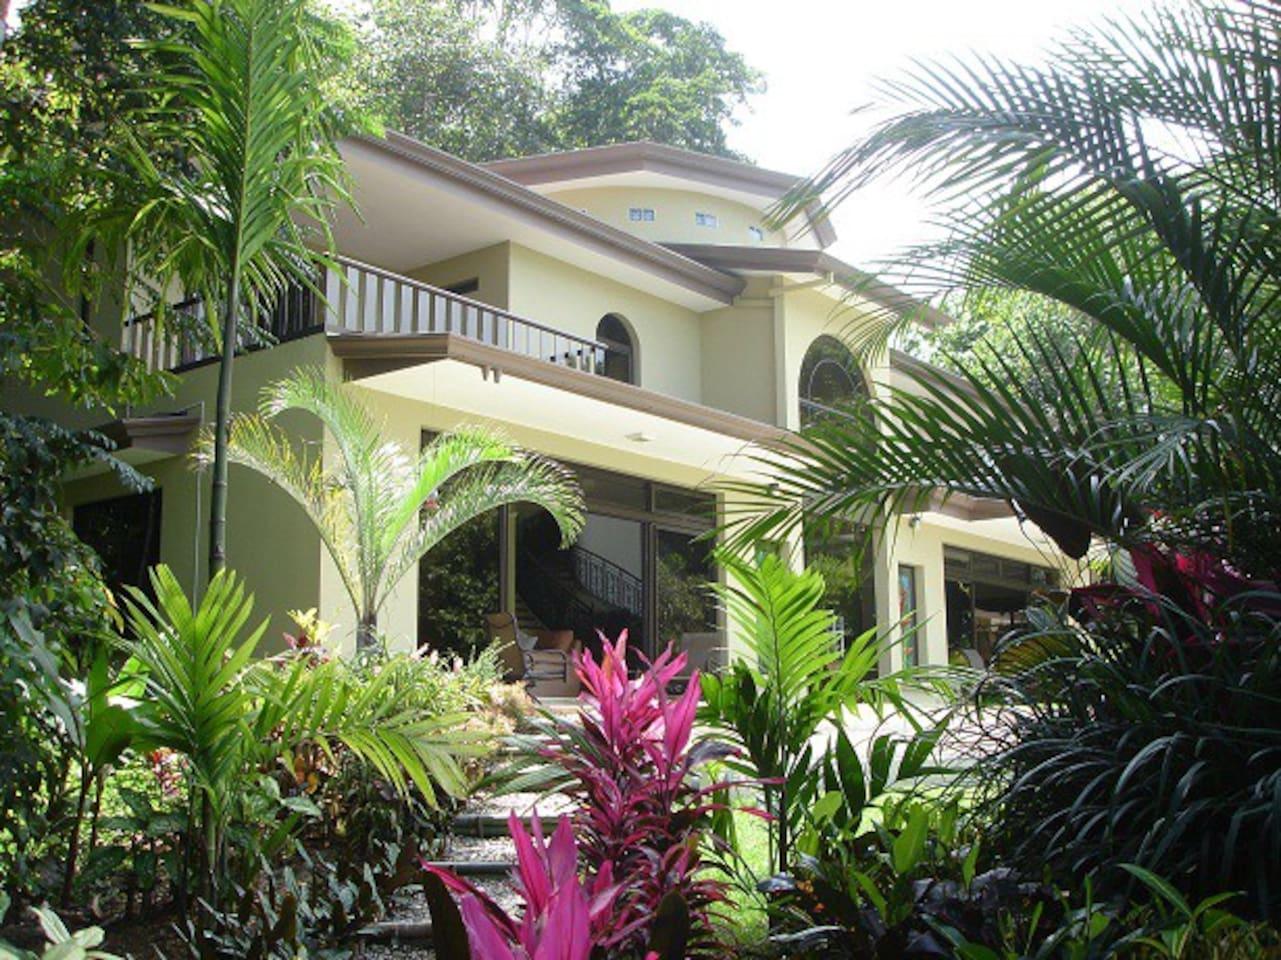 Mansion de 400m2 située dans un environnement exotique de pleine nature tropicale.